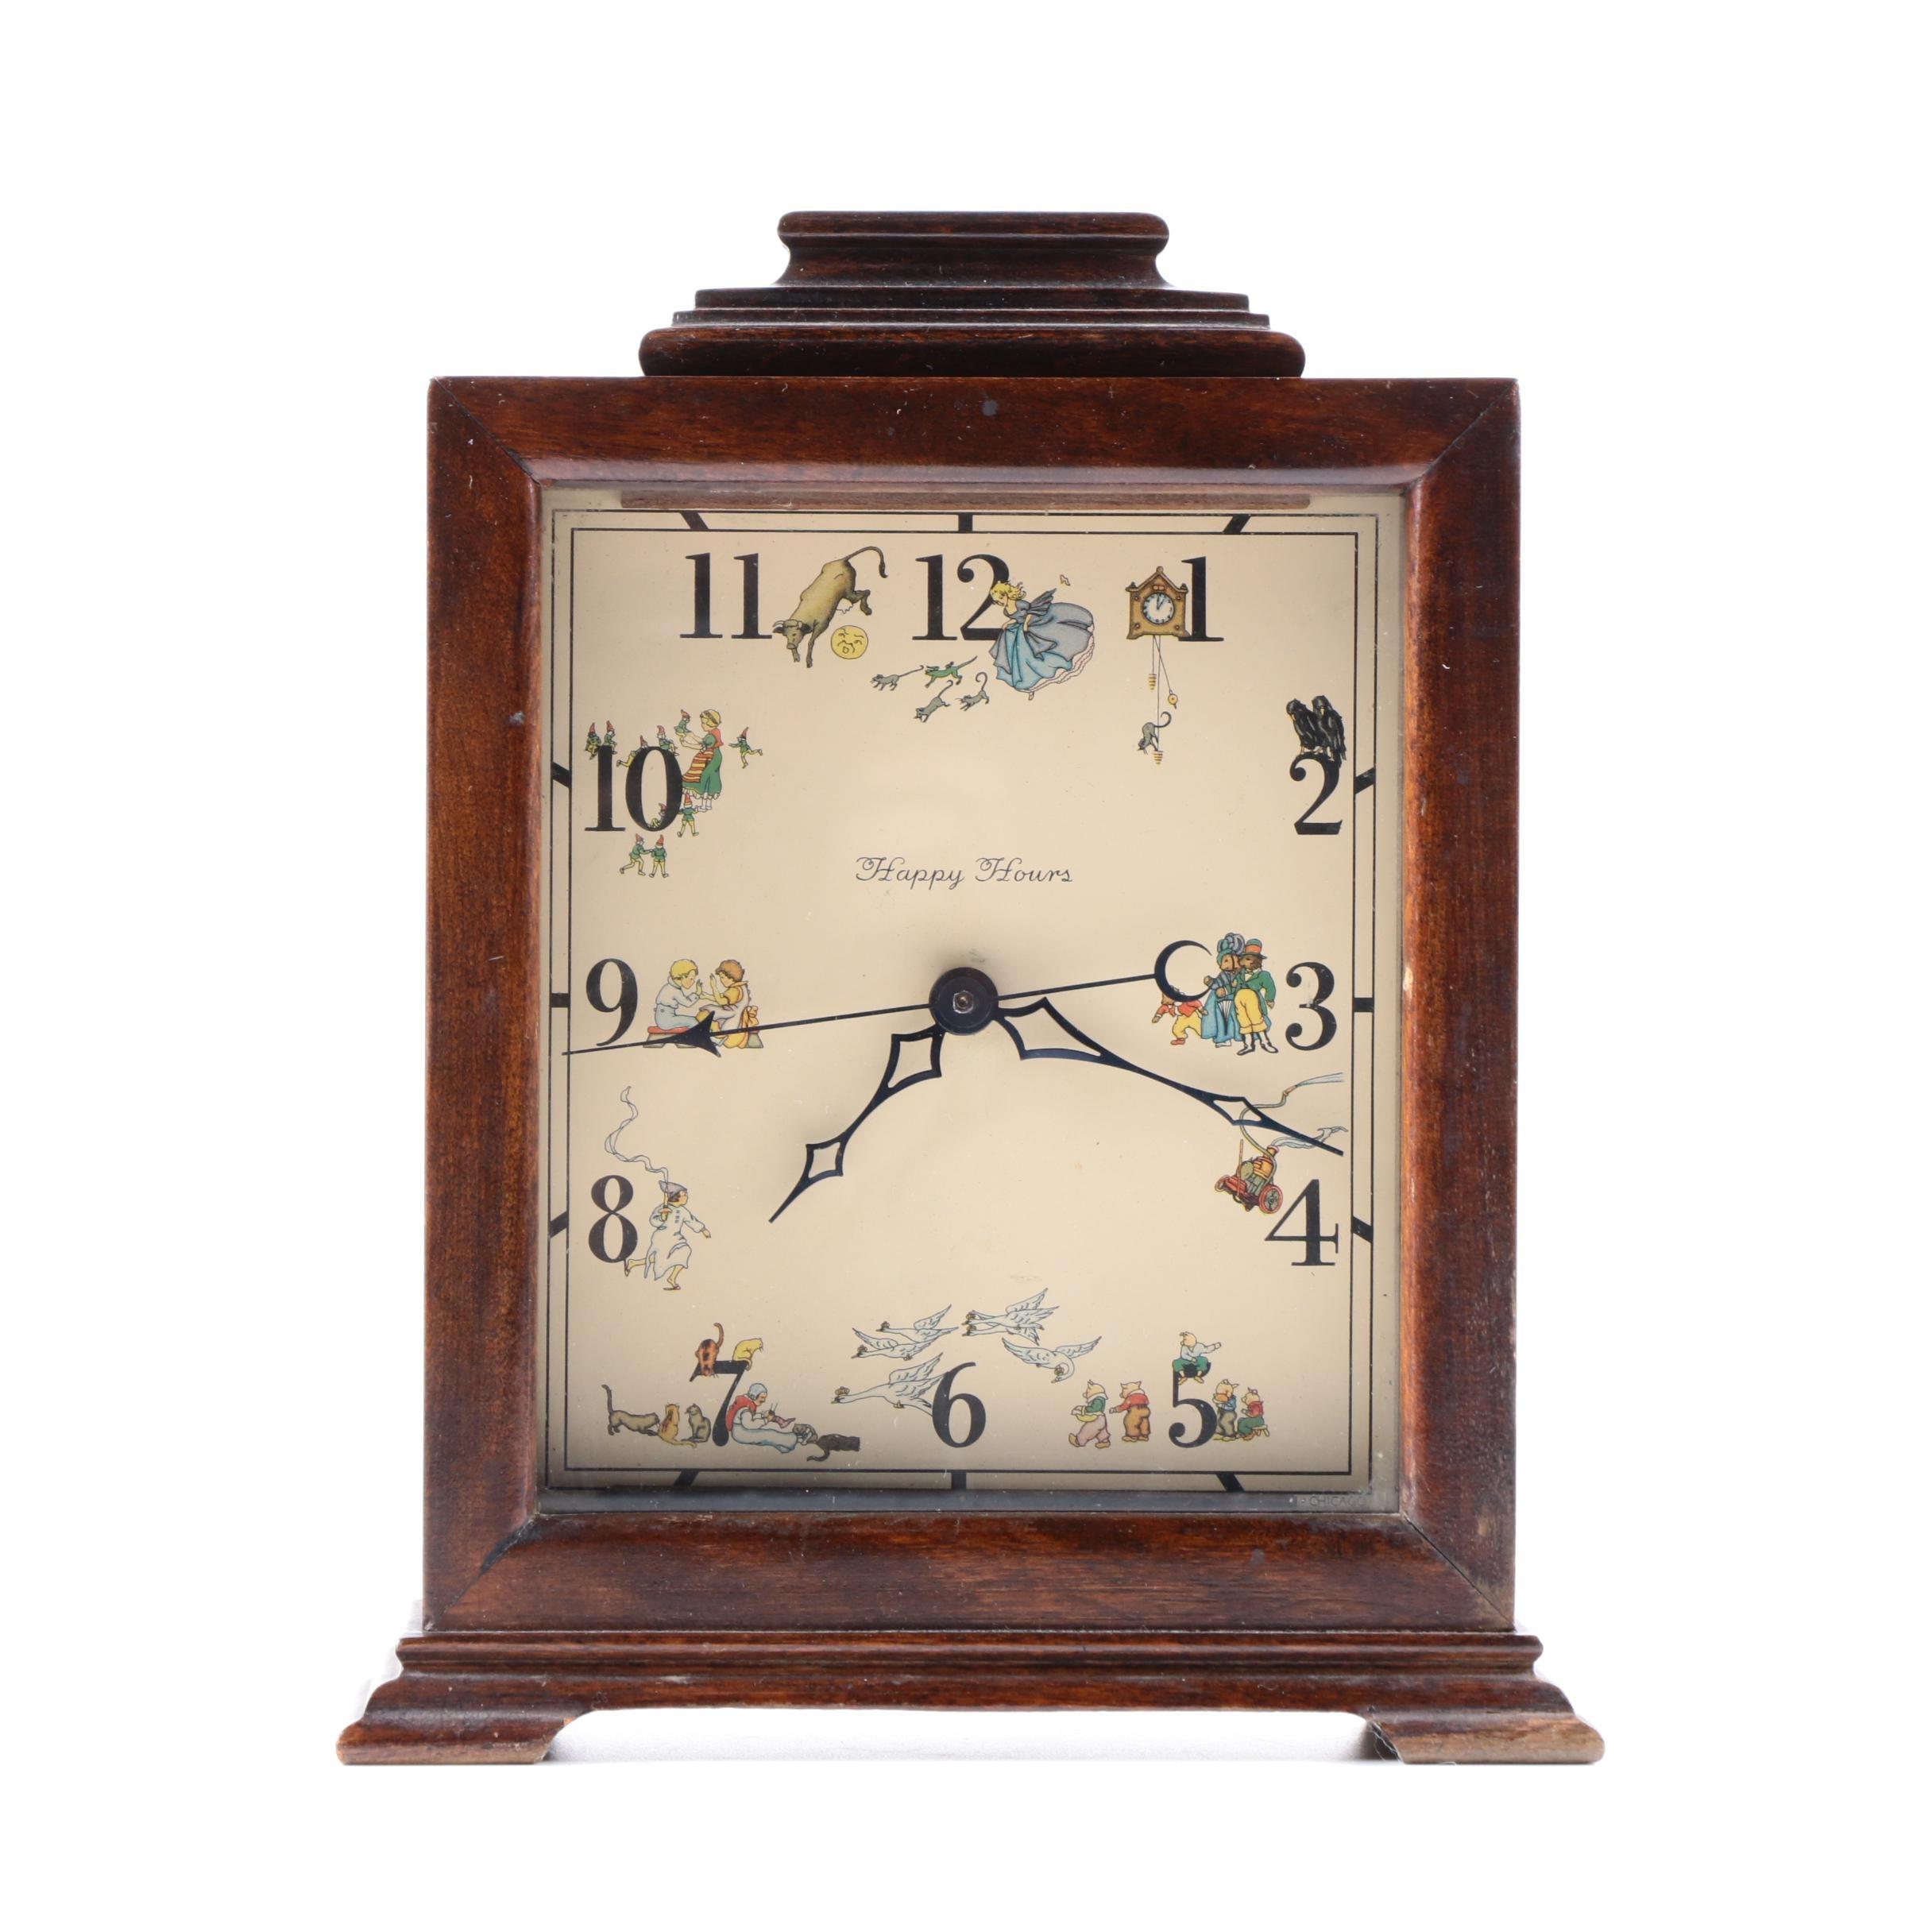 Happy Hours Wooden Mantel Clock